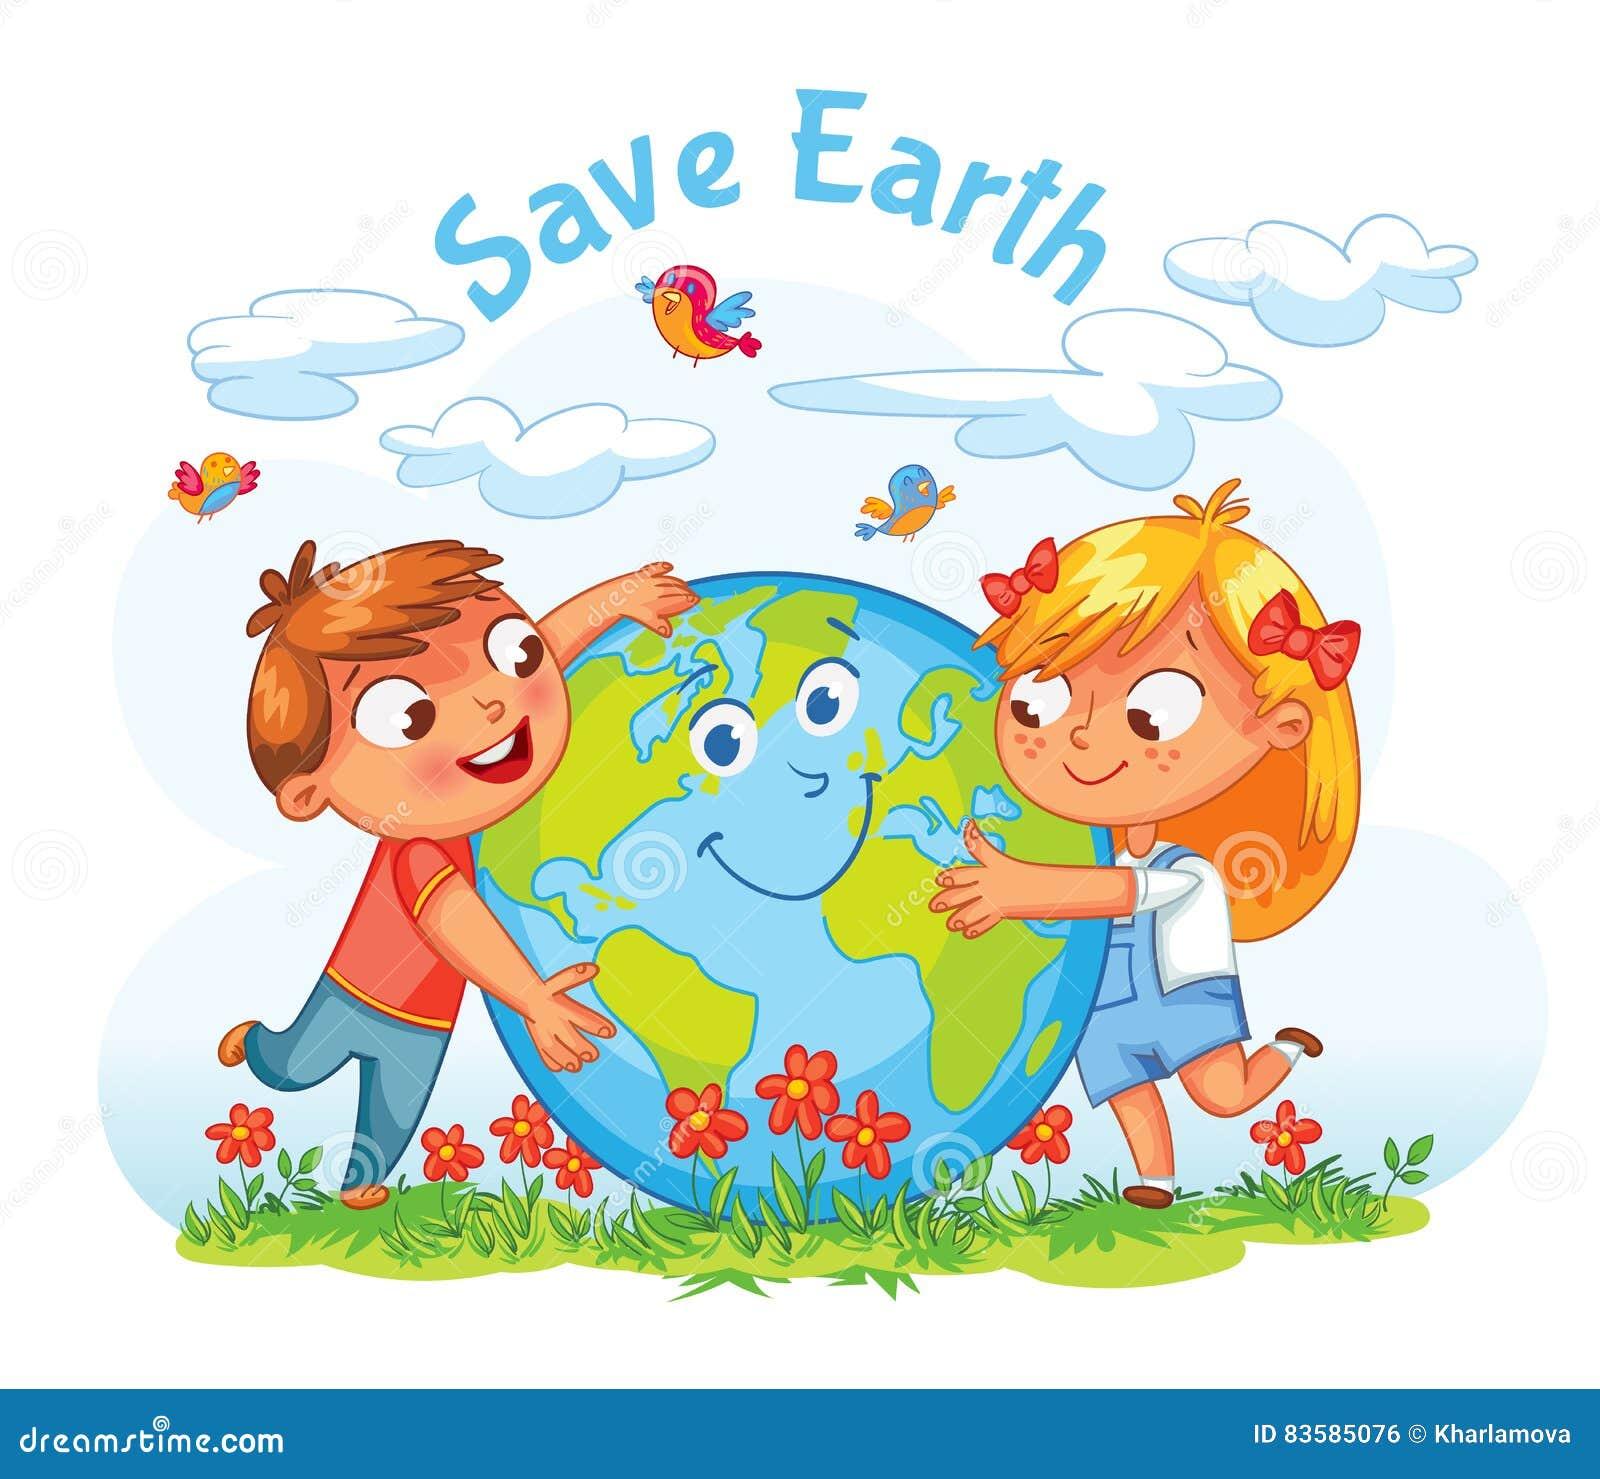 变褐环境叶子去去的绿色拥抱本质说明说法口号文本结构树的包括的日地球 拥抱地球的男孩和女孩